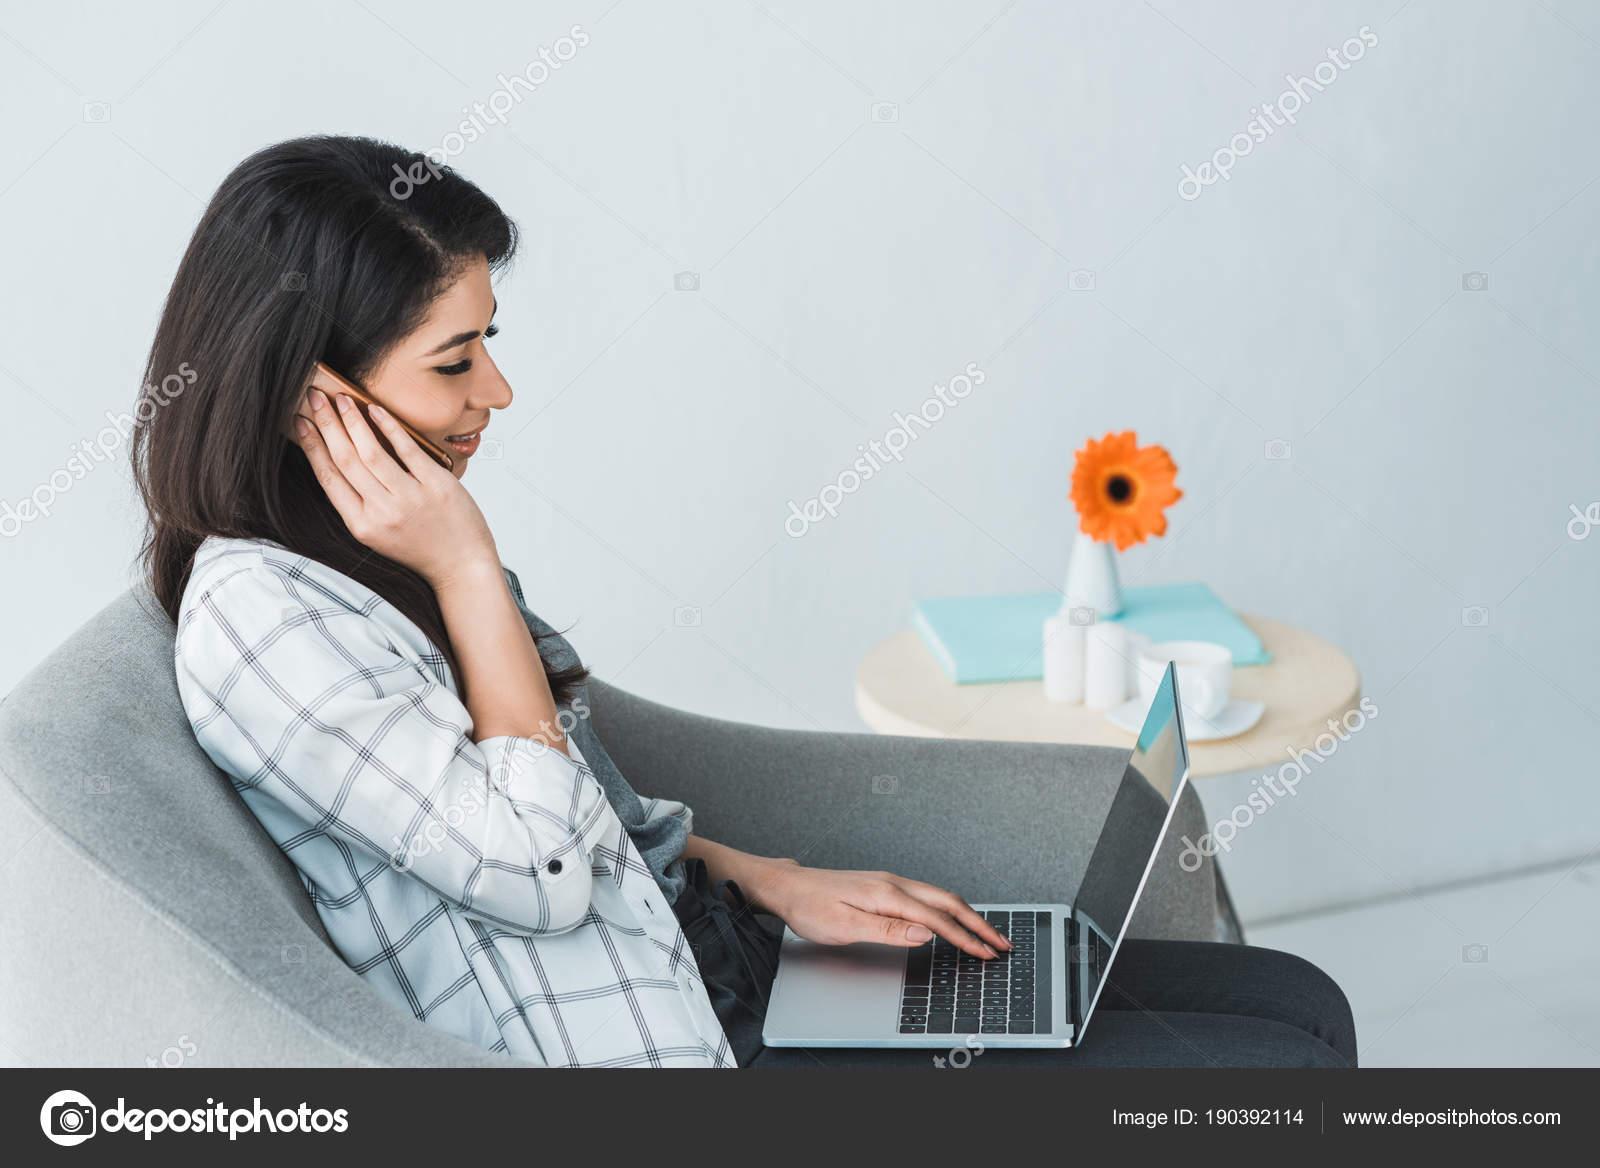 Девушка на работе разговаривает по телефону работа в семилуках для девушек